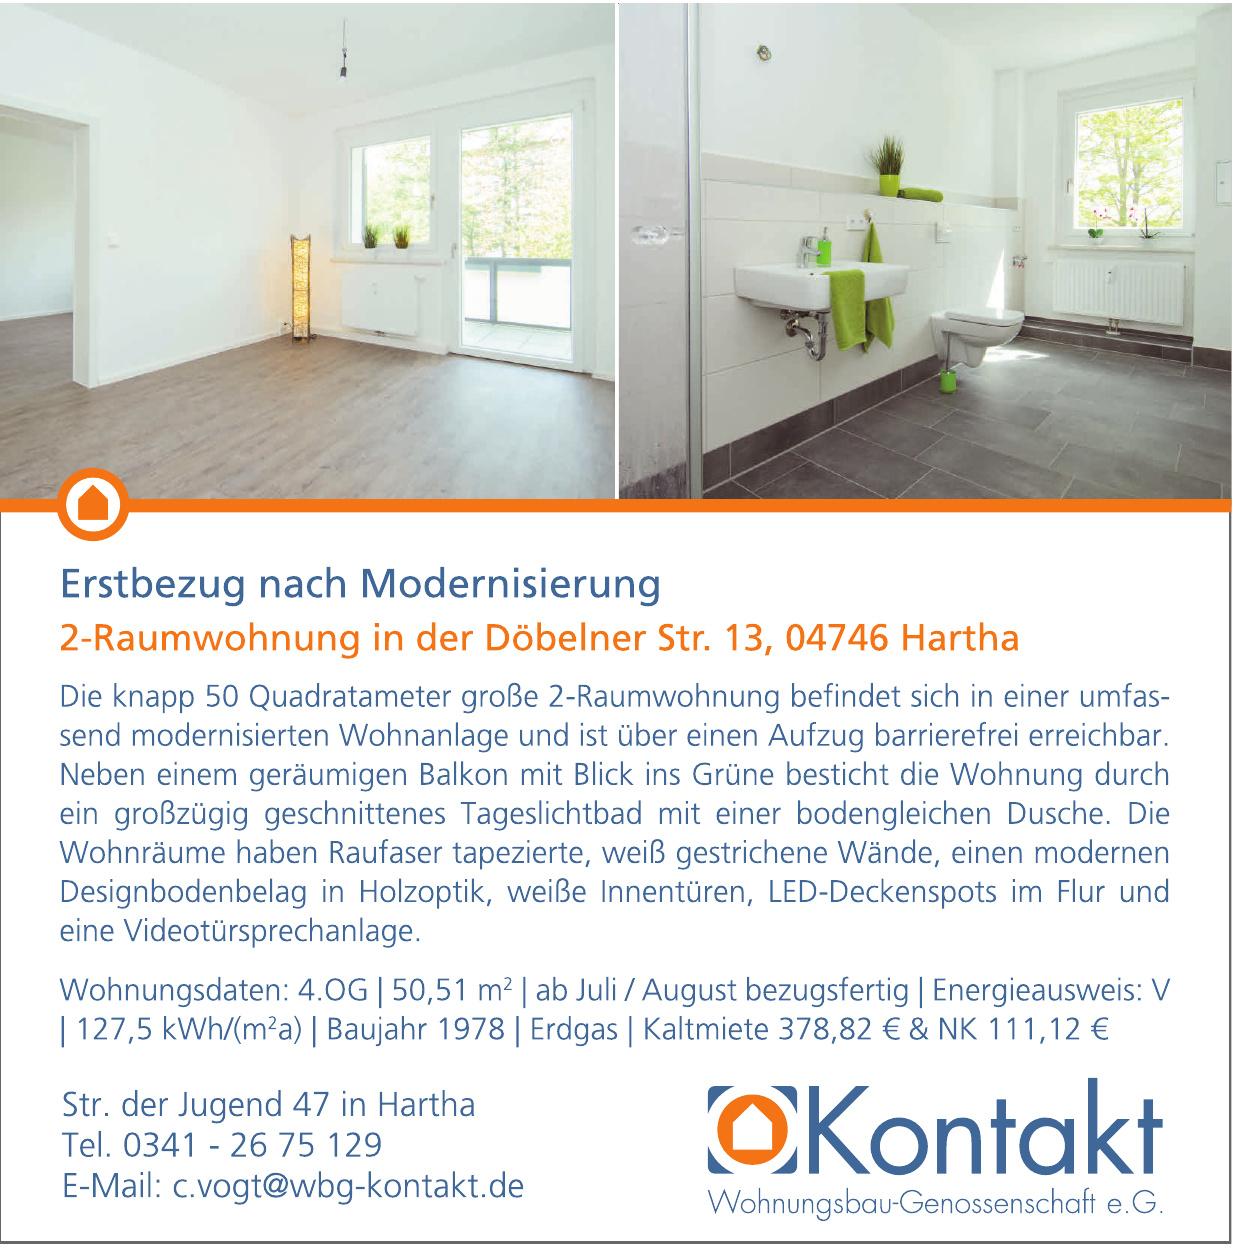 Kontakt Wohnungsbau-Genossenschaft e.G.